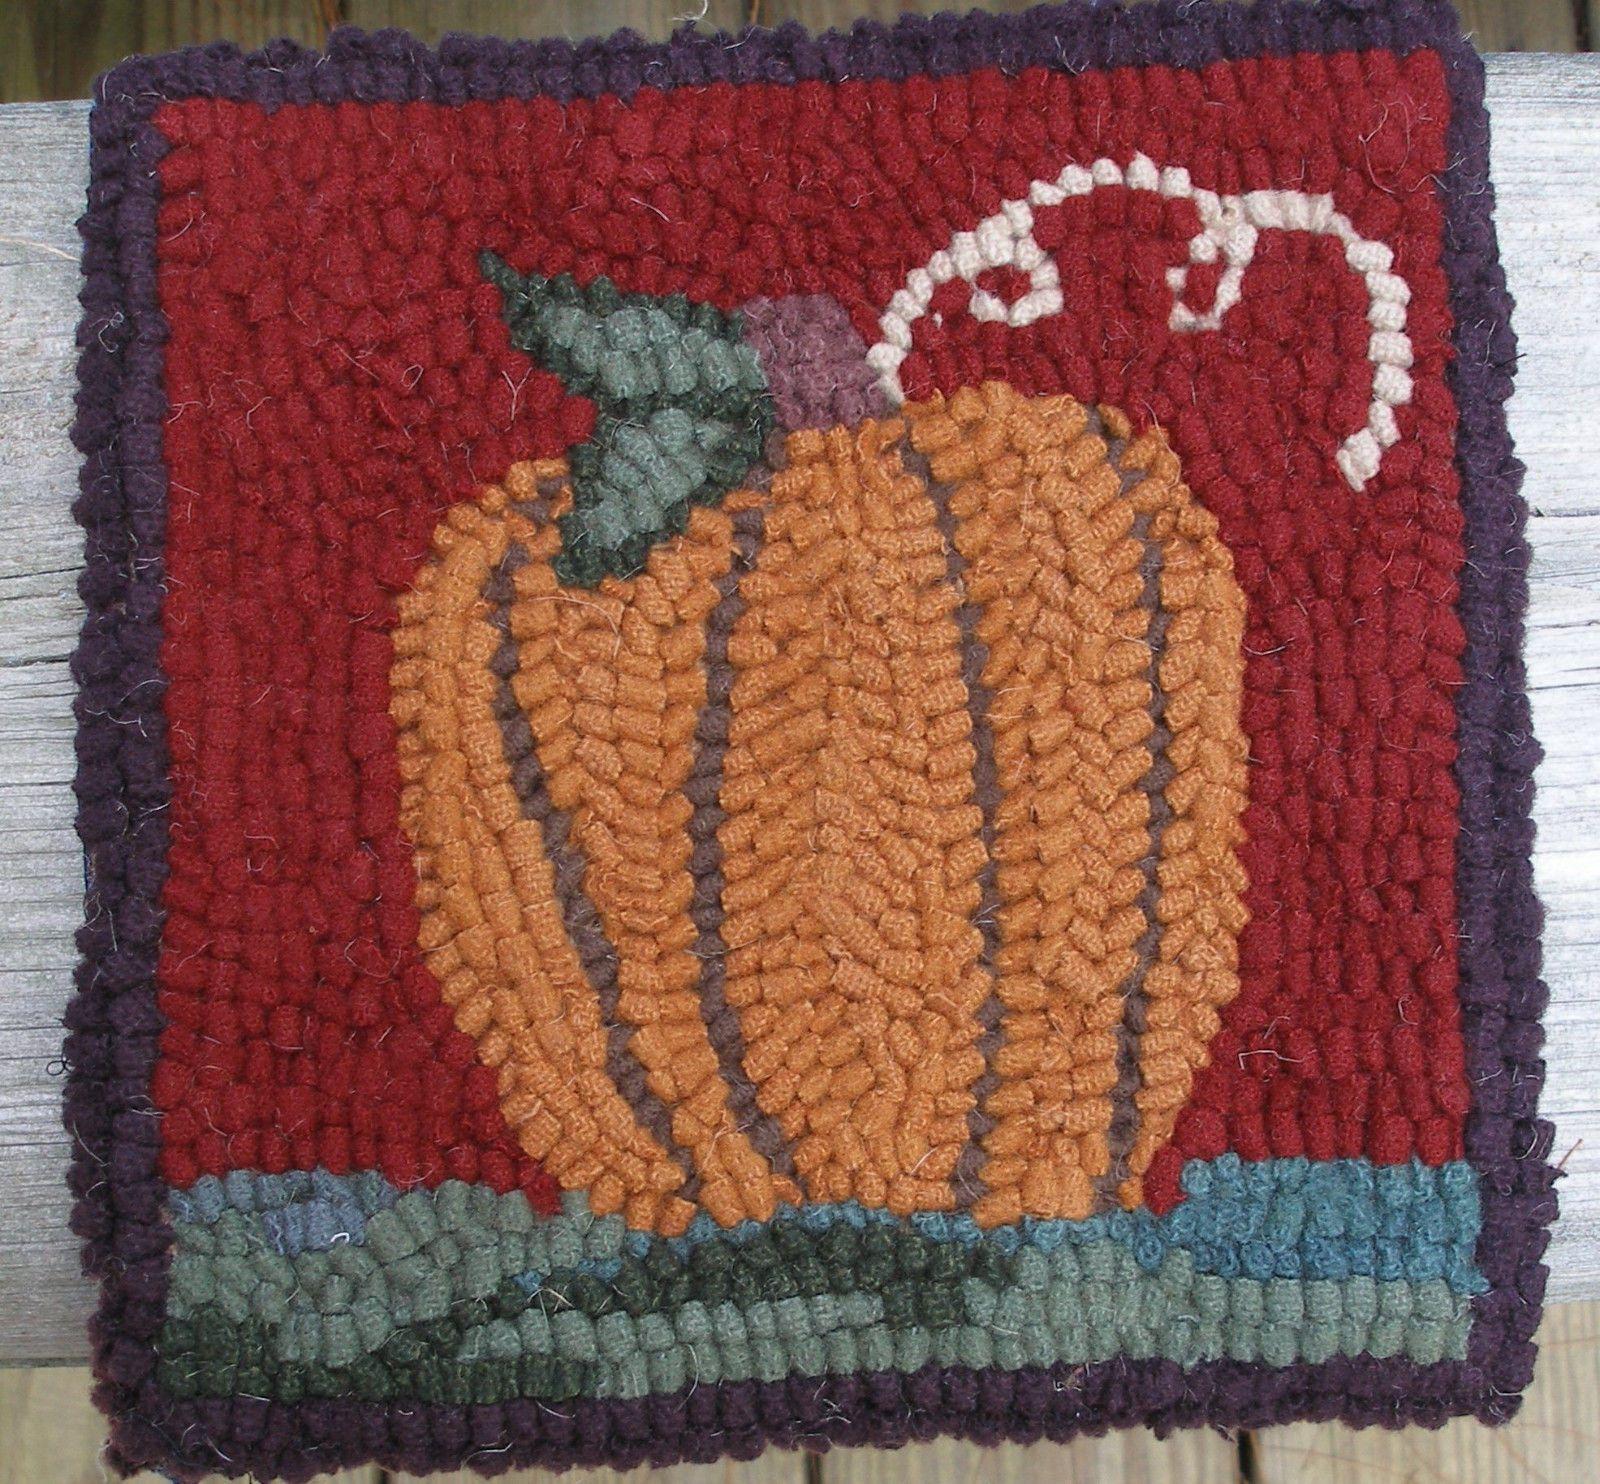 Primitive Hooking Kits 157030 Beginner Pumpkin Rug Kit With 8 Cut Wool